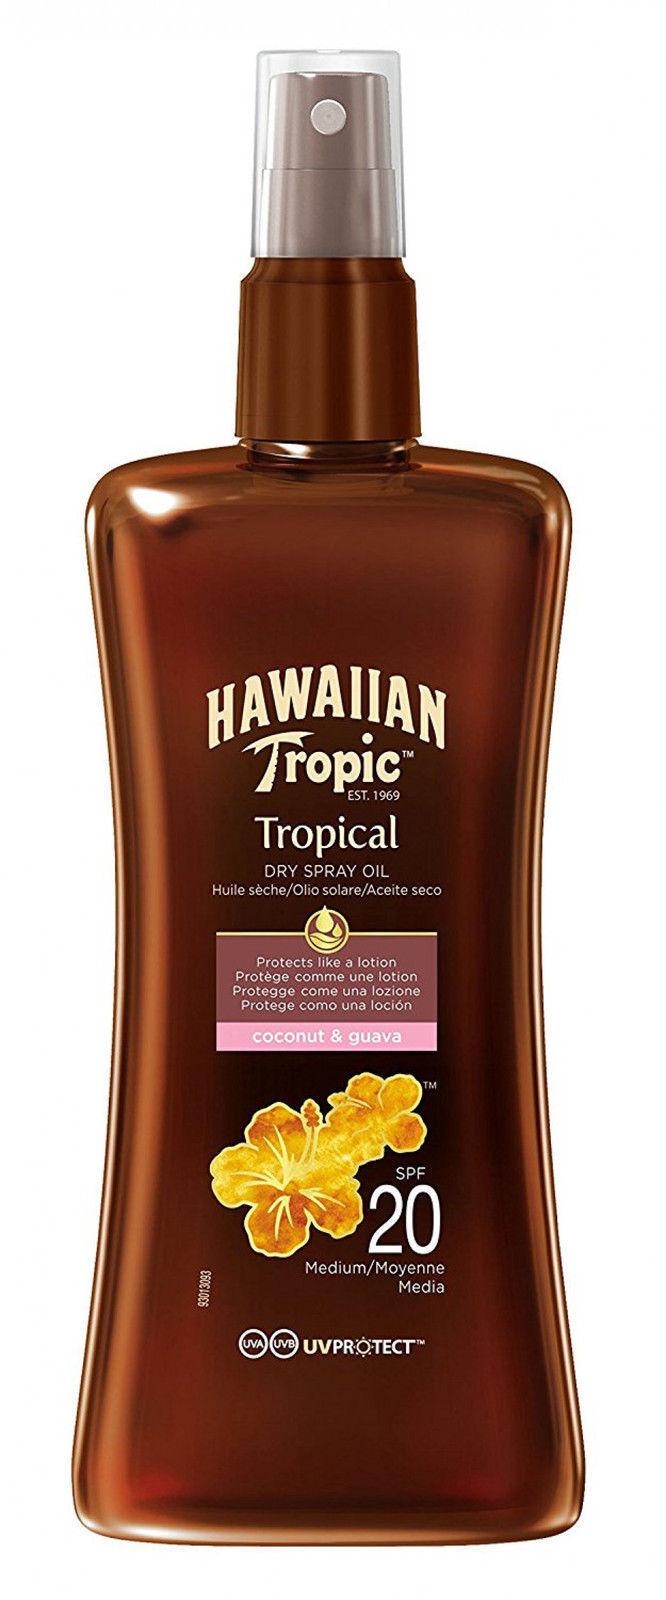 Hawaiian Tropic Sonnenöl Bräunungsöl Protective Dry Spray Oil LSF 20 200 ml